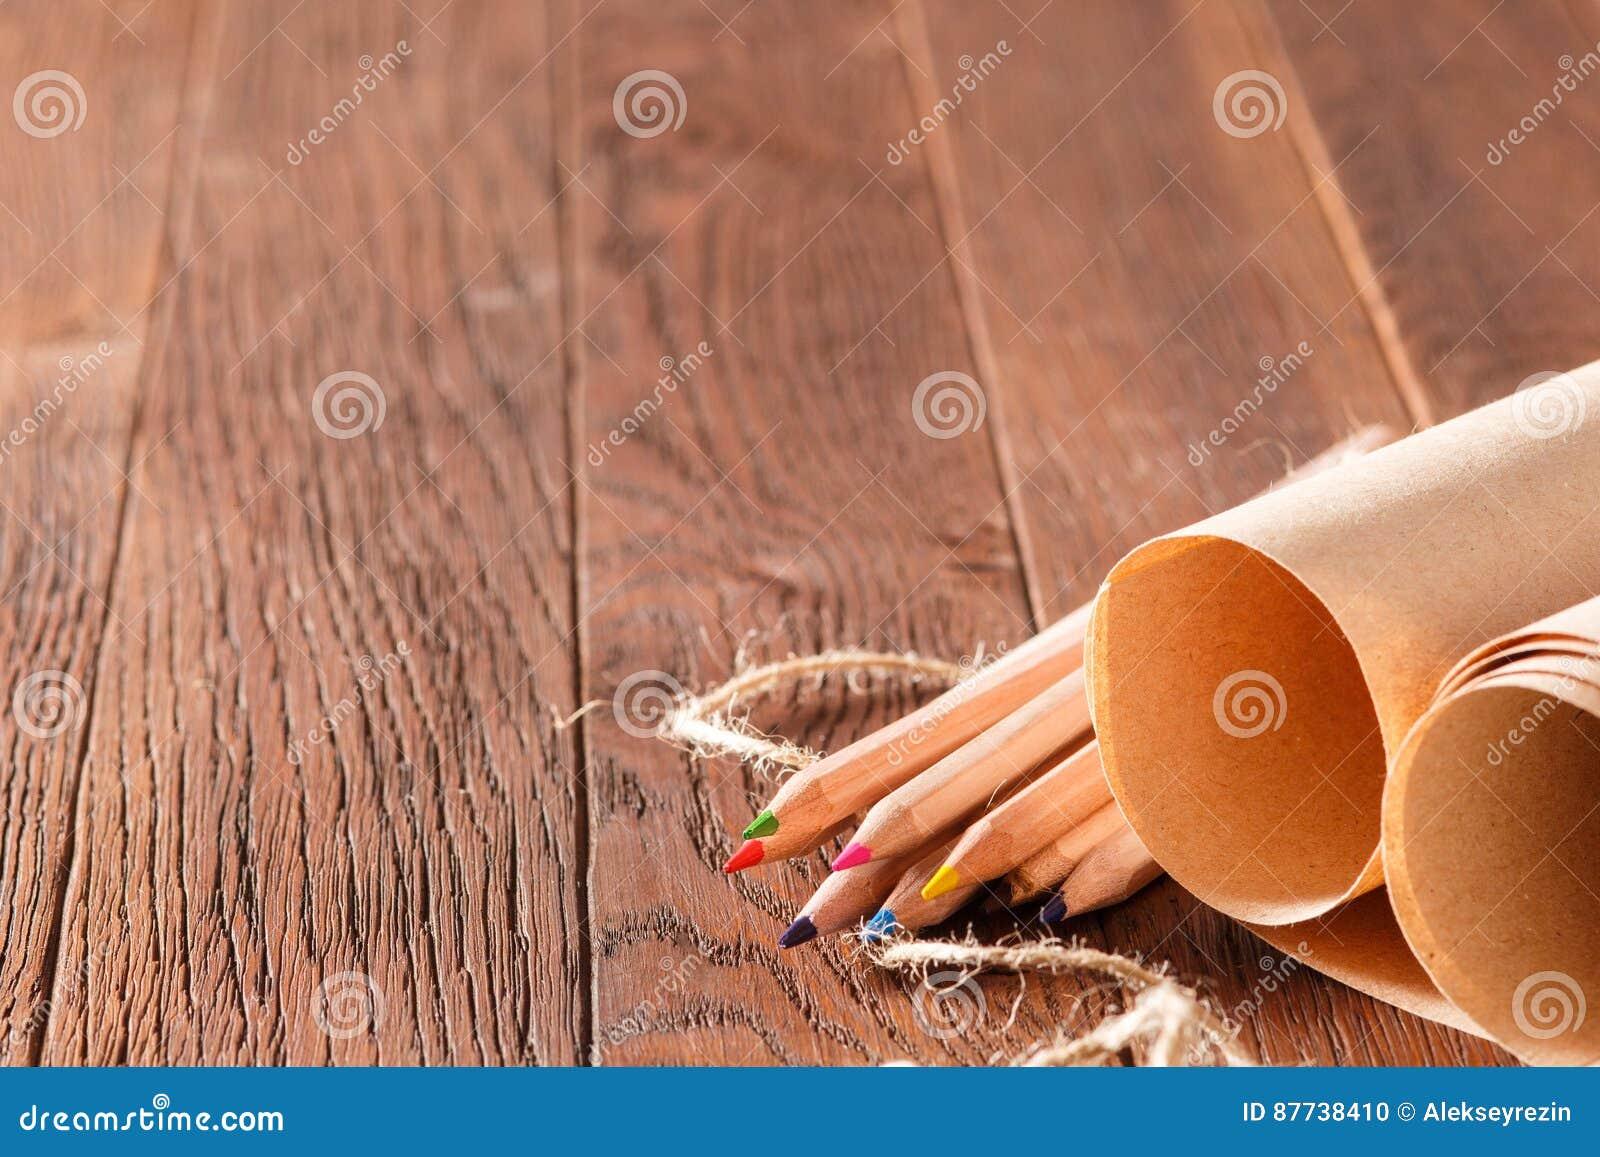 Matite in bianco di colore e della carta marrone sulla tavola di legno con la corda decorativa